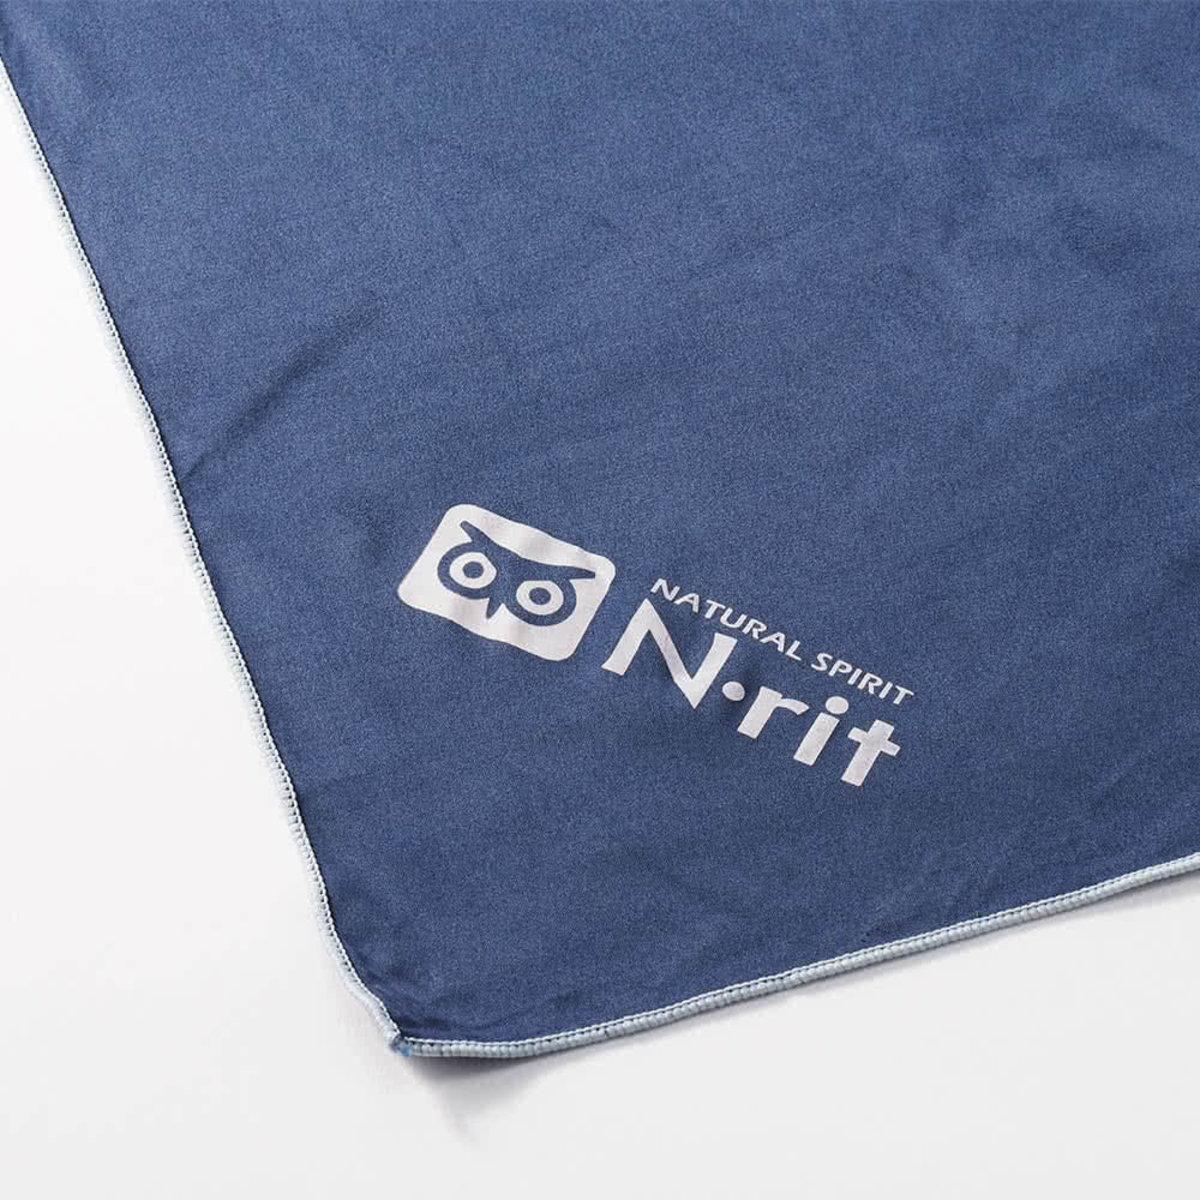 韓國製超輕防菌吸水快乾毛巾 - Super Light Towel L navy